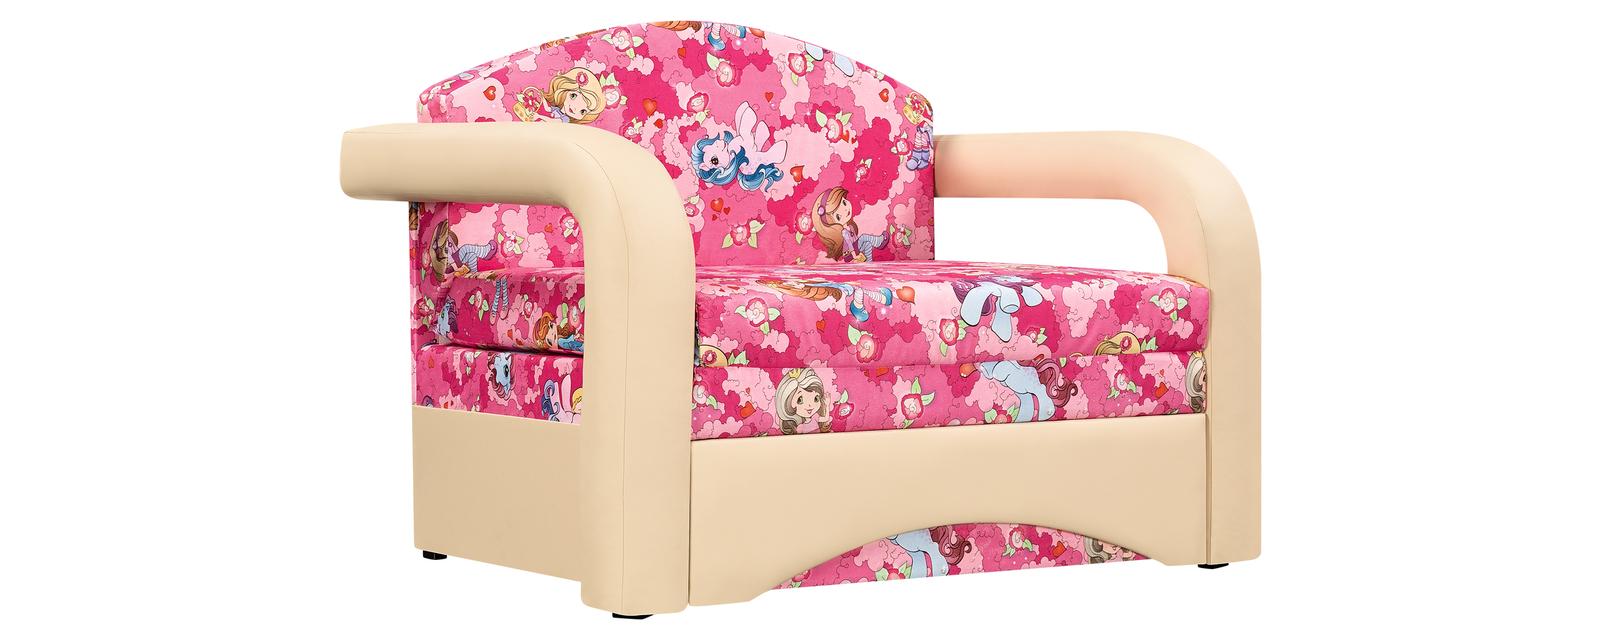 Кресло тканевое Эдем Pony розовый (Микровелюр + Экокожа)